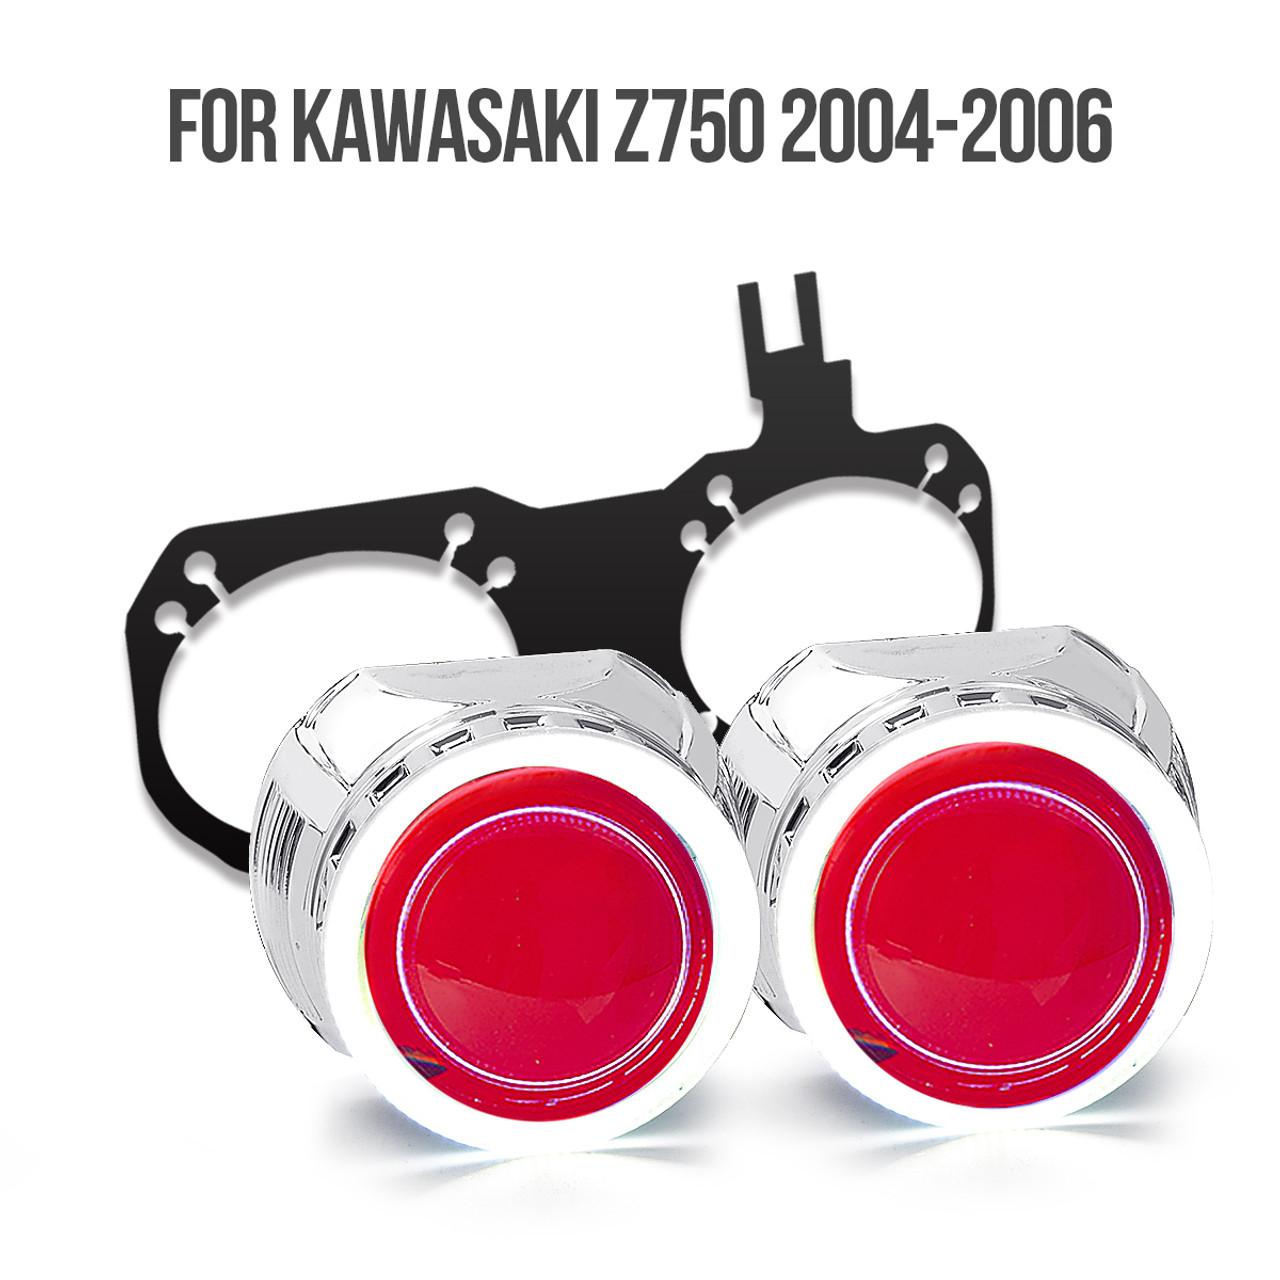 2004 kawasaki z750 hid projector kit [ 1200 x 1200 Pixel ]